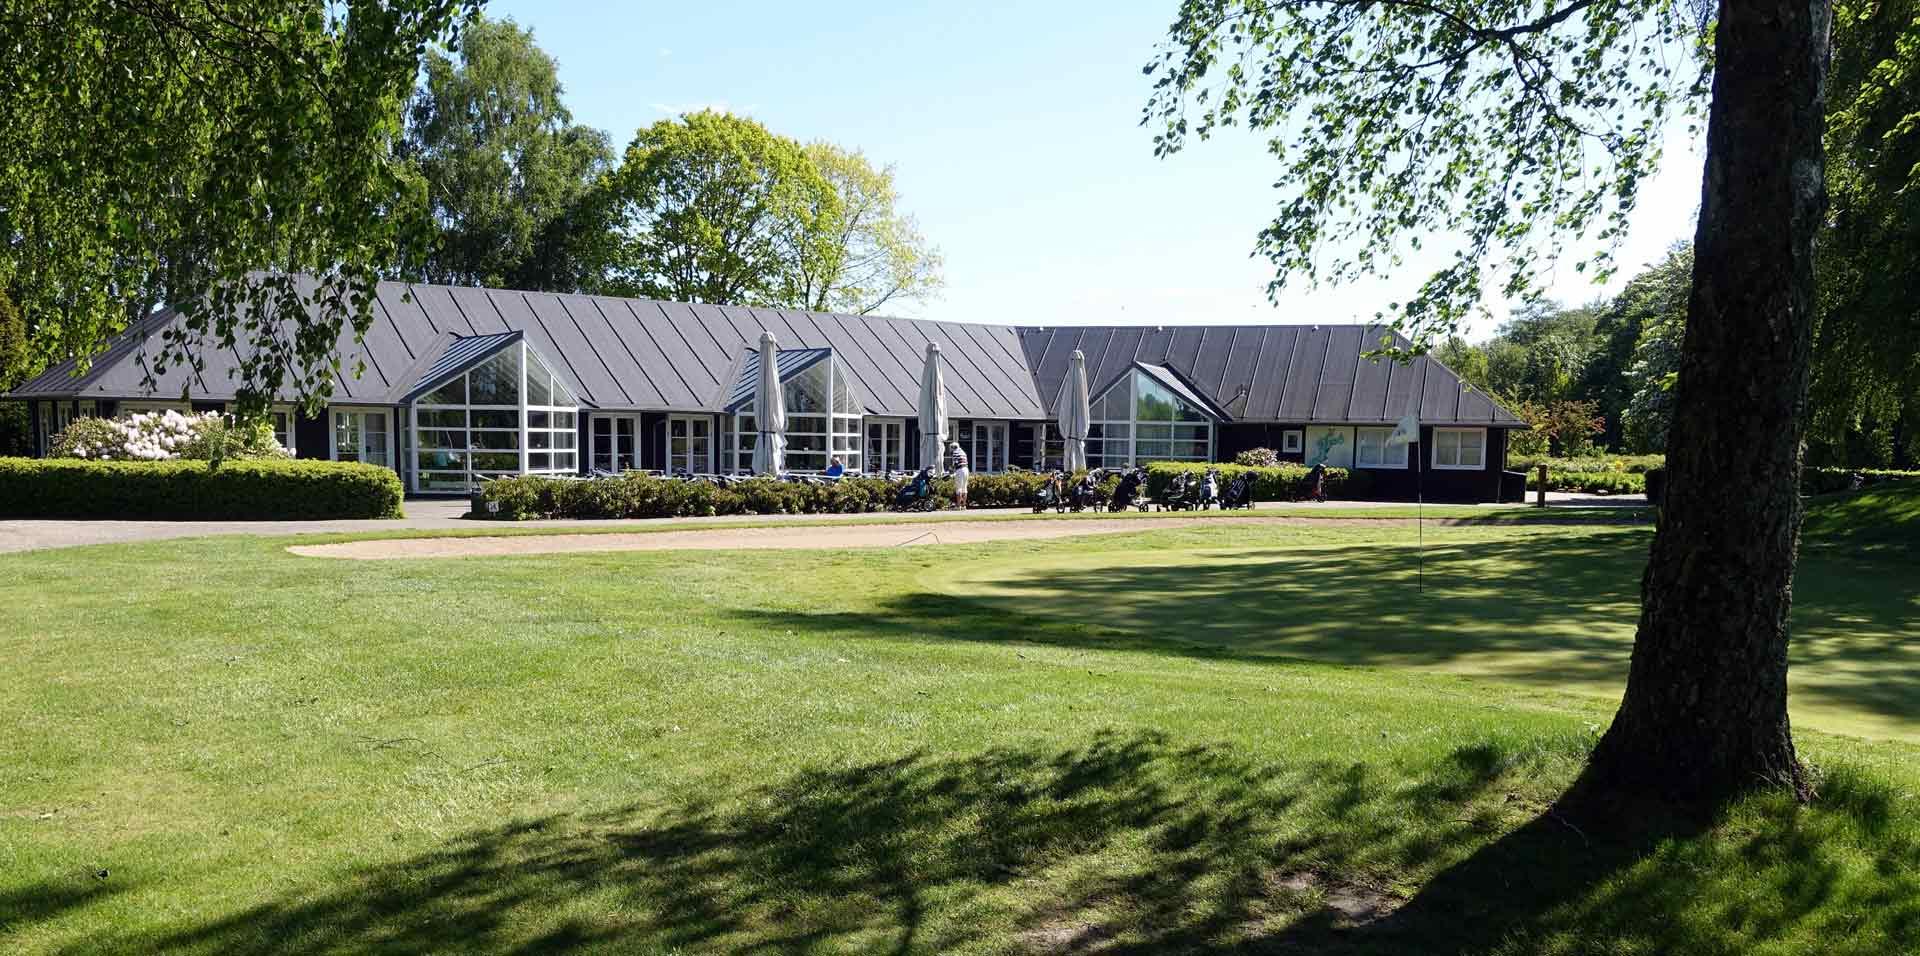 Link zum Fredensborg Golf Club von https://fgc.dk/wp-content/uploads/2015/10/klubhus.jpg